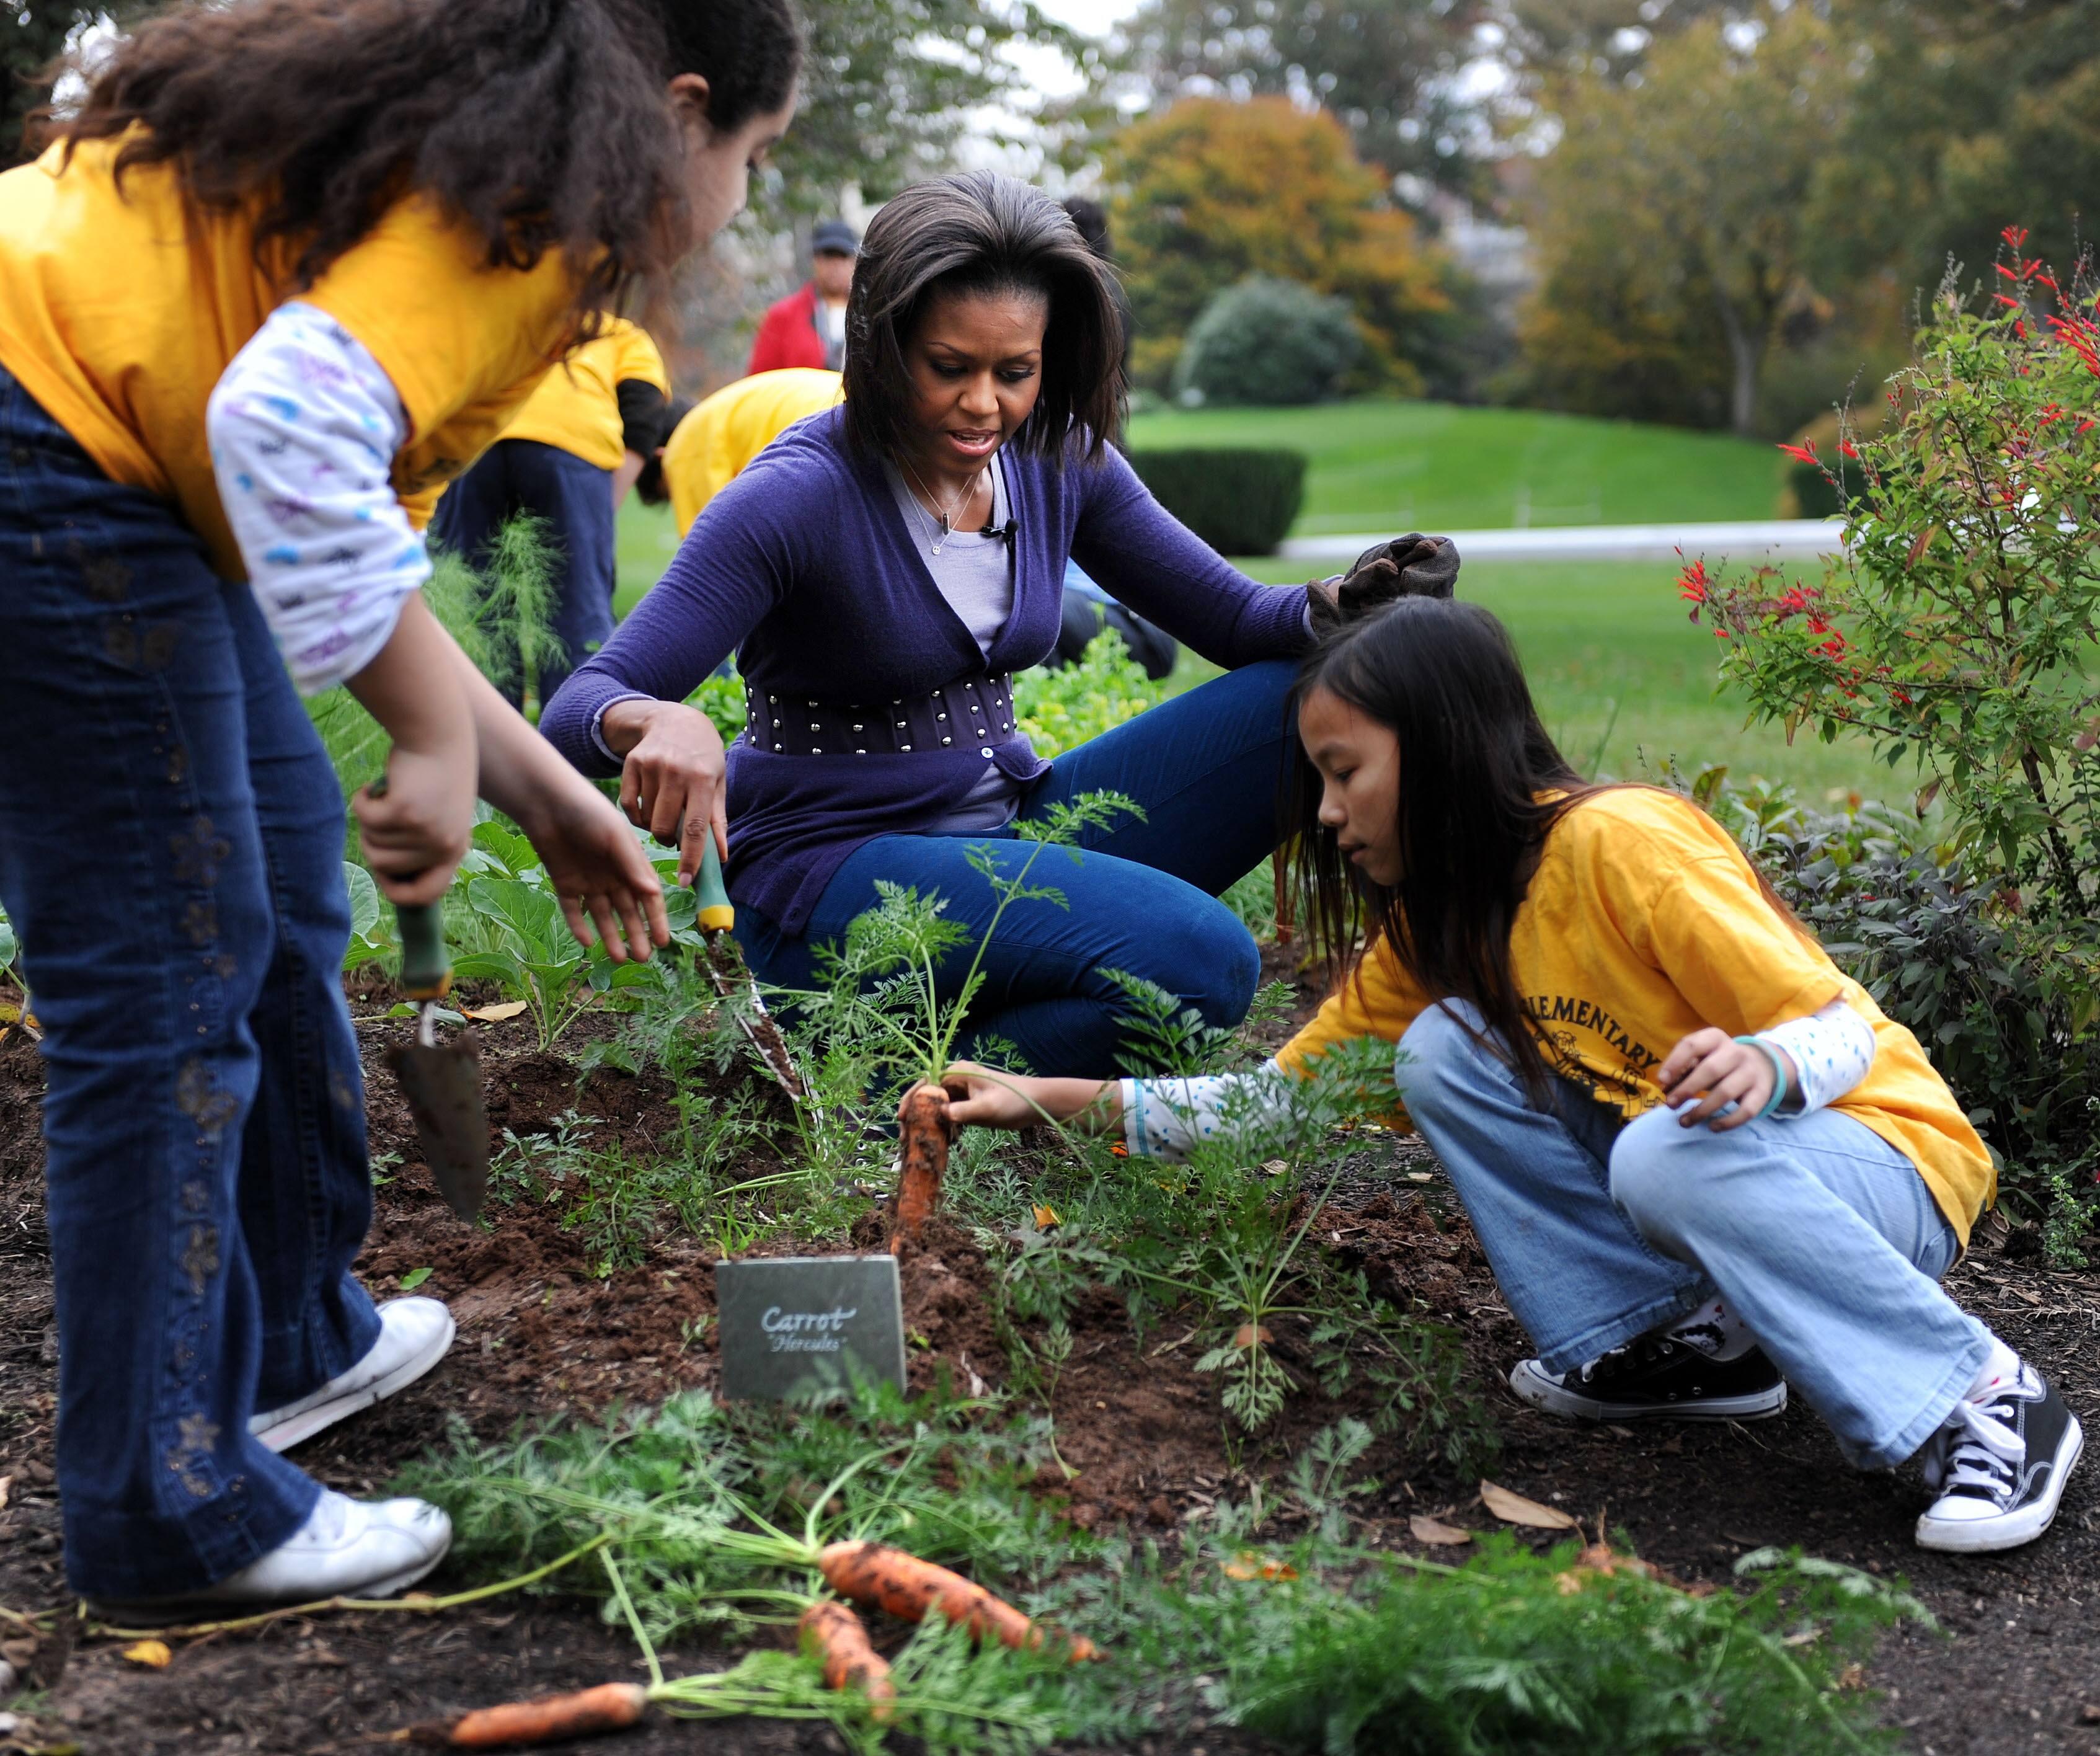 Michelle Obama gardening